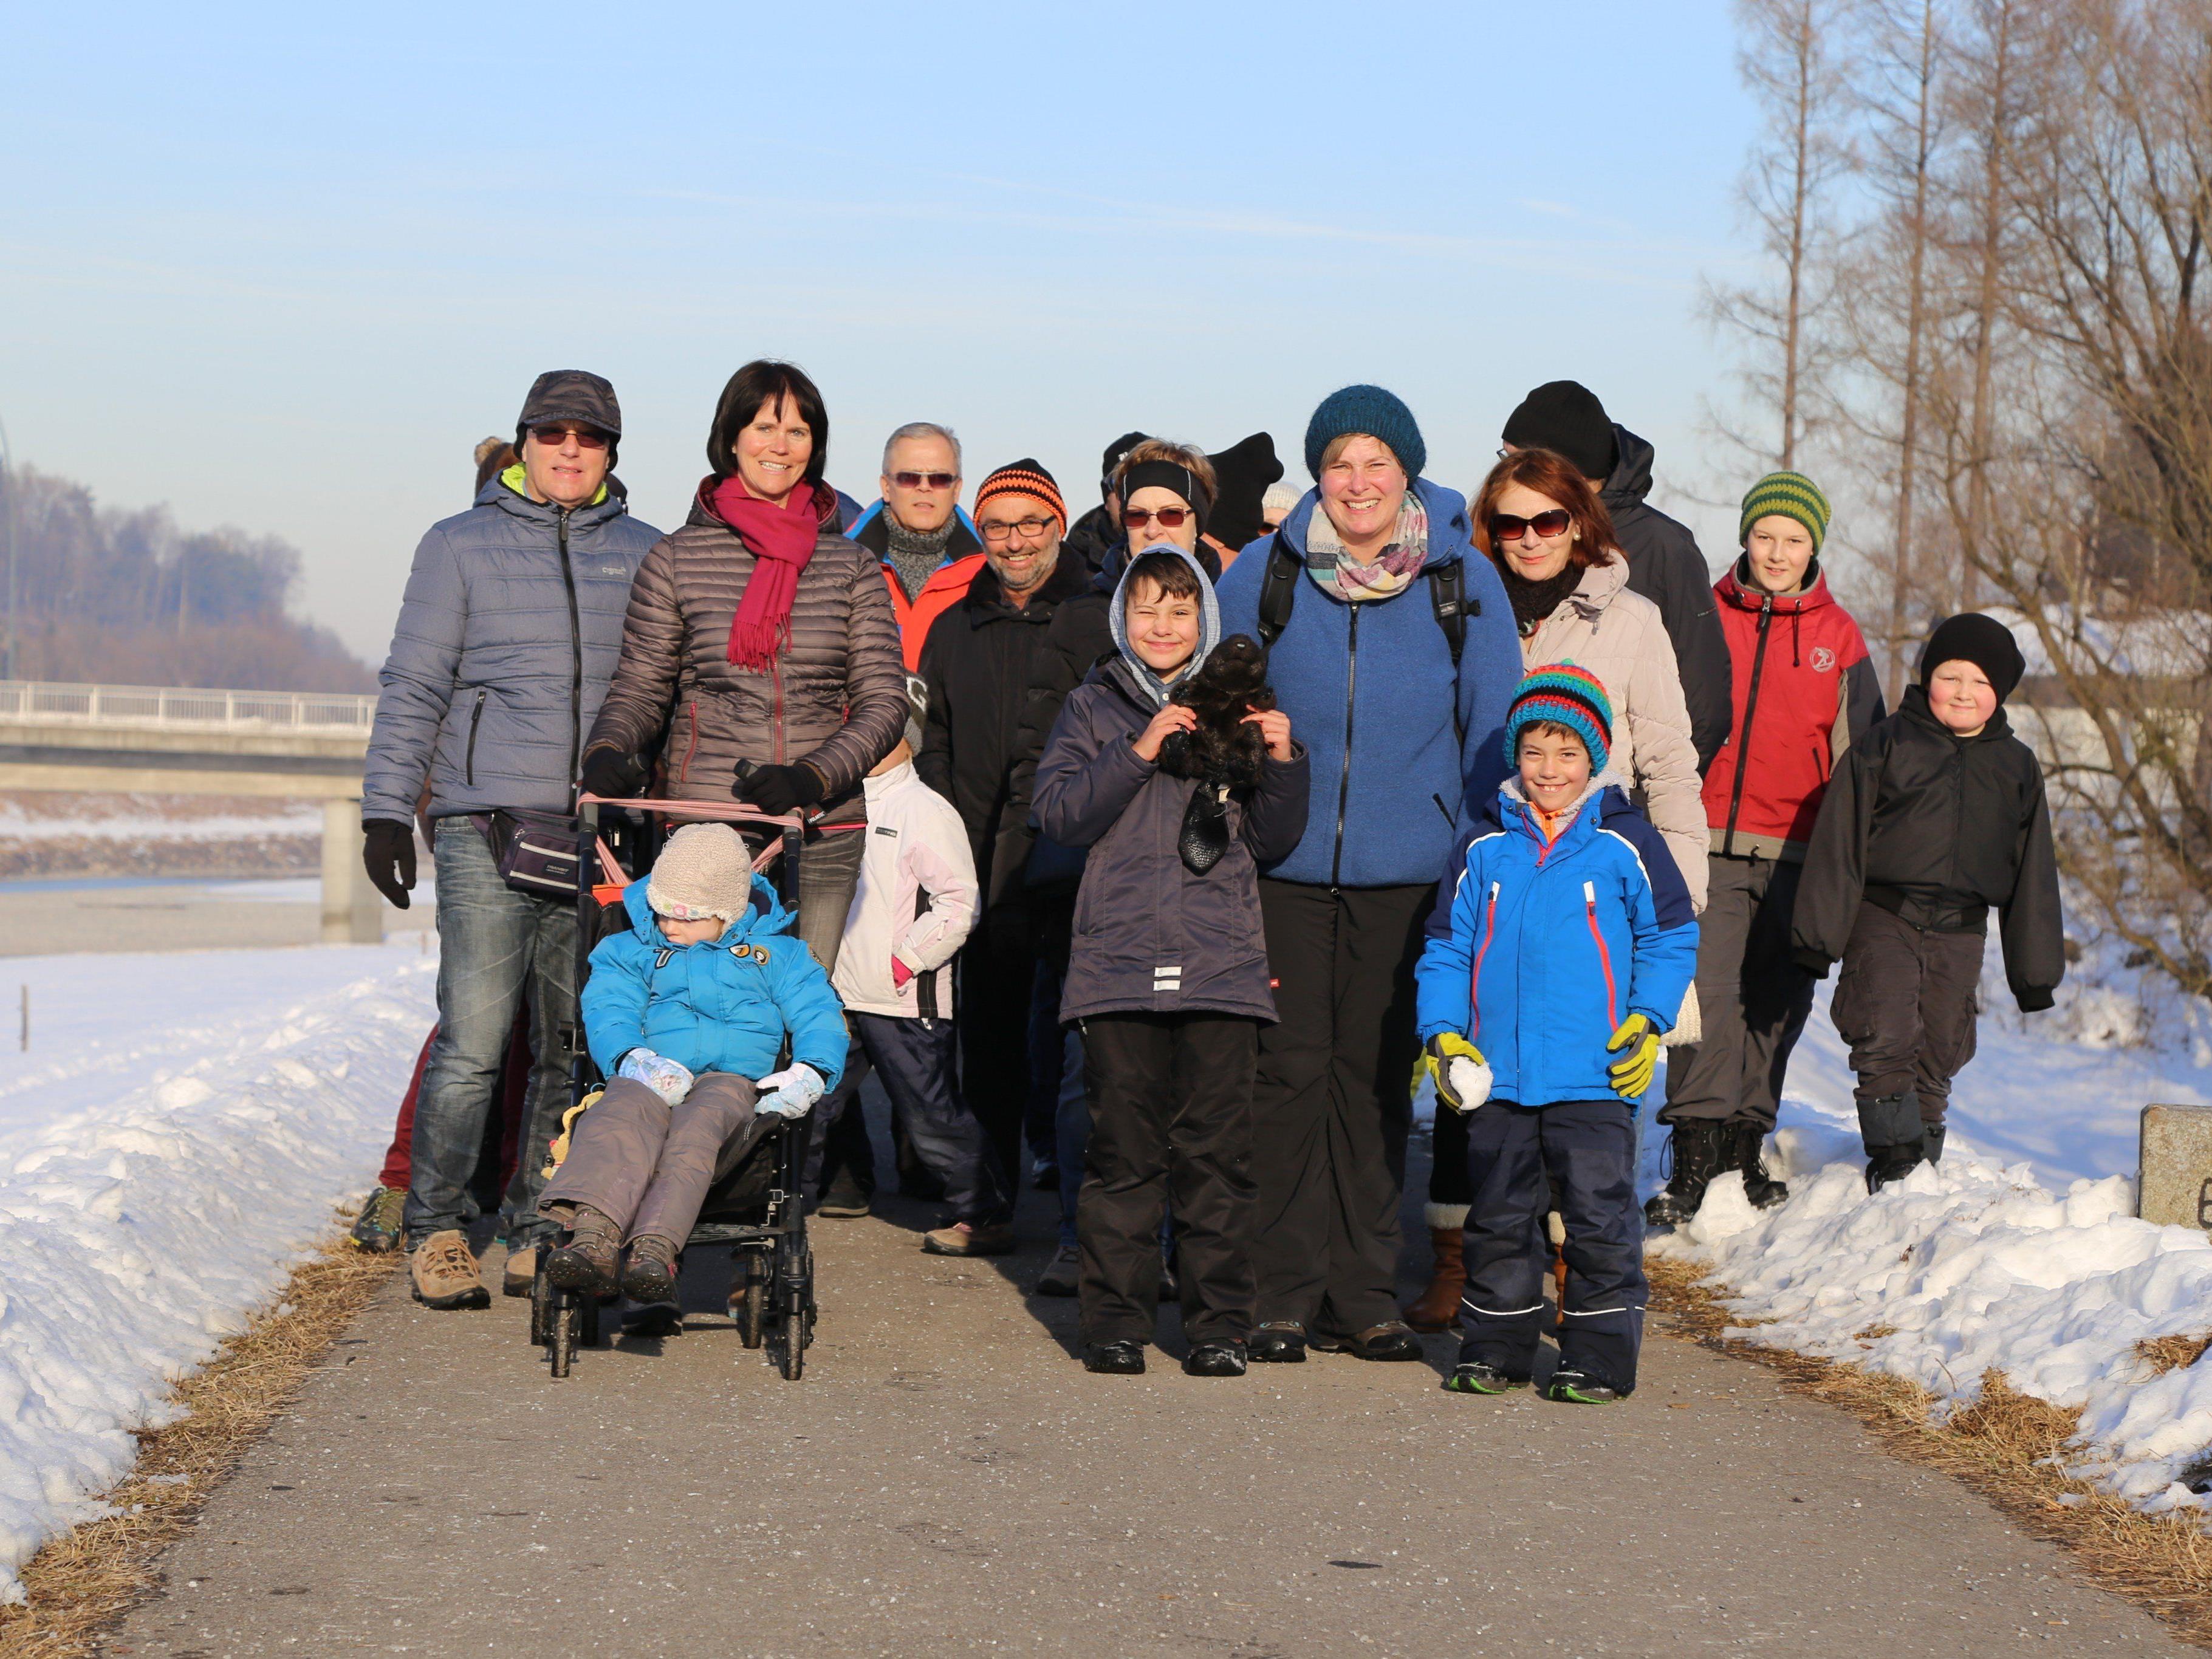 Zahlreiche Teilnehmer spazierten in zwei Gruppen entlang des Spiersbachs, um Biberspuren aufzusuchen.